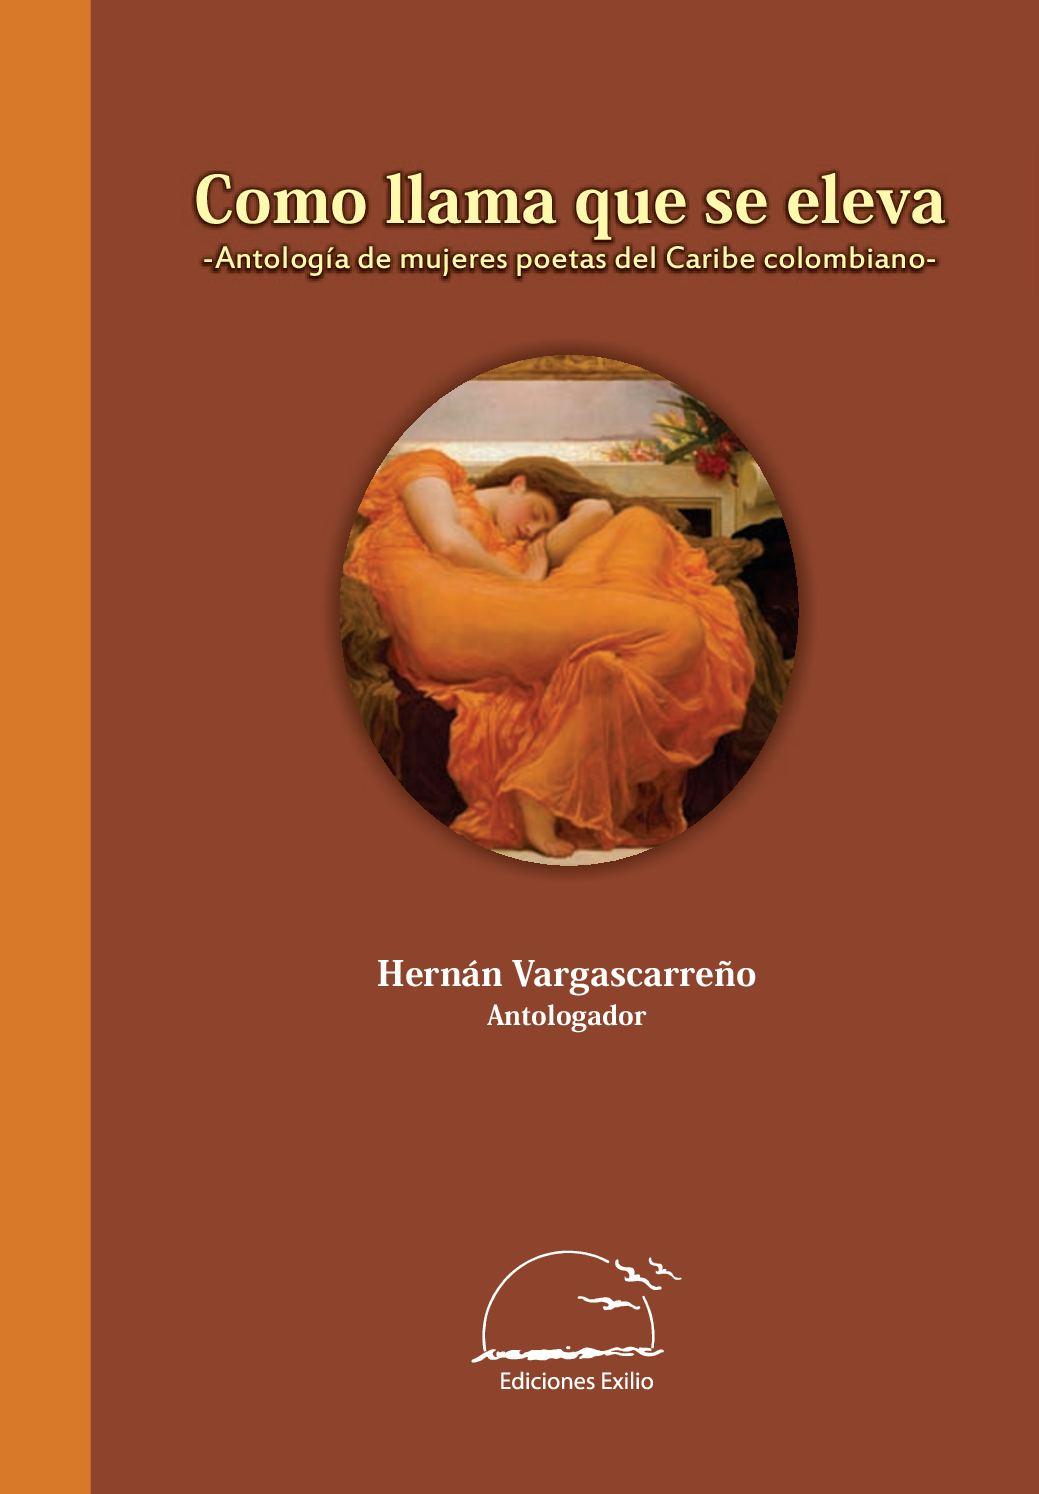 6b7b2d016 Calaméo - Como Llama Que Se Eleva. Antología. Ediciones Exilio